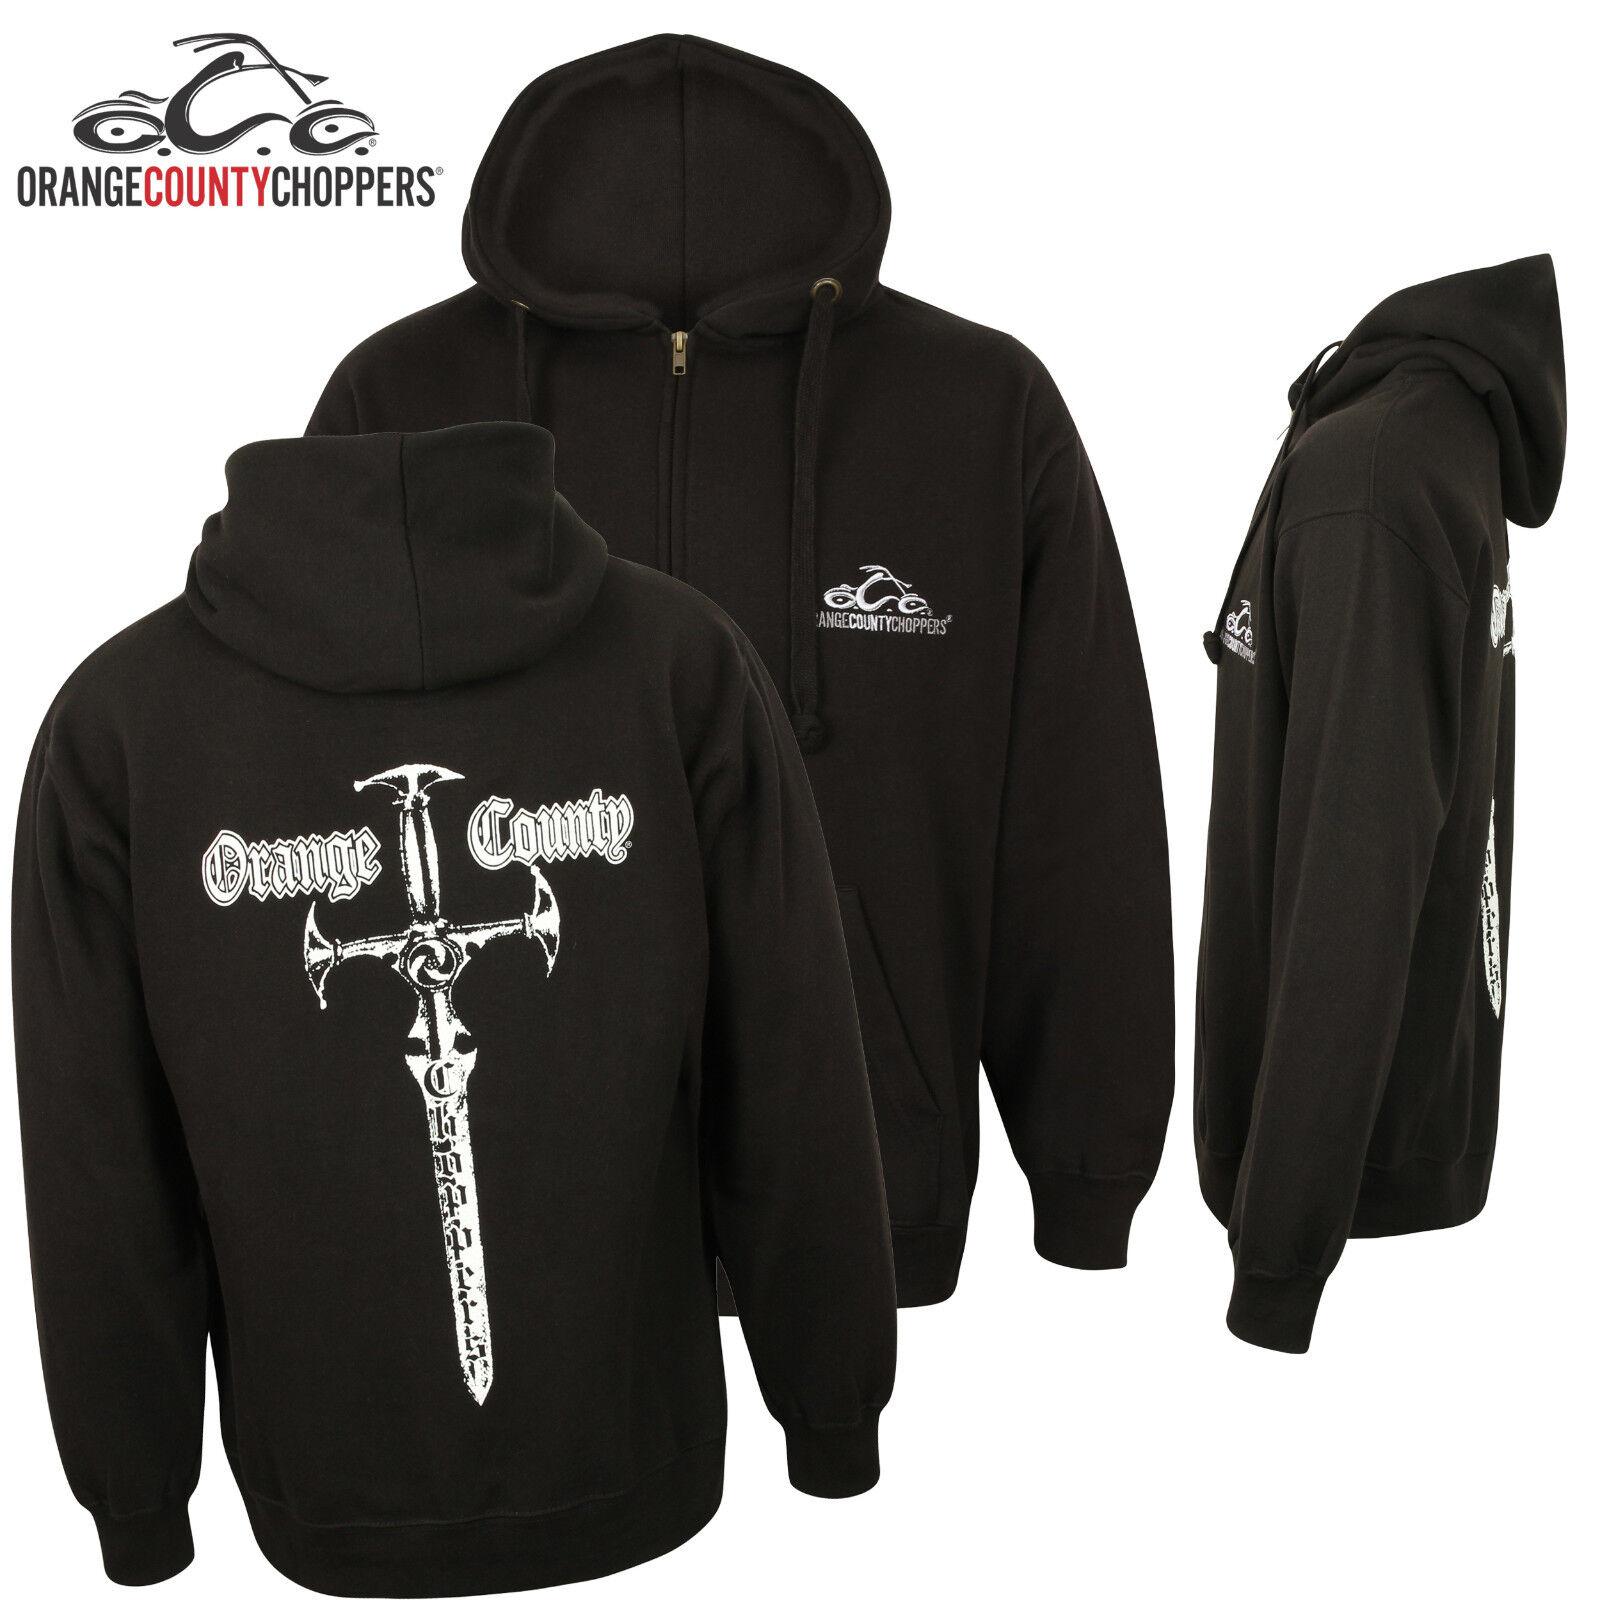 Orange County Choppers Zip Hoodie Genuine OCC American Biker Custom Clothing